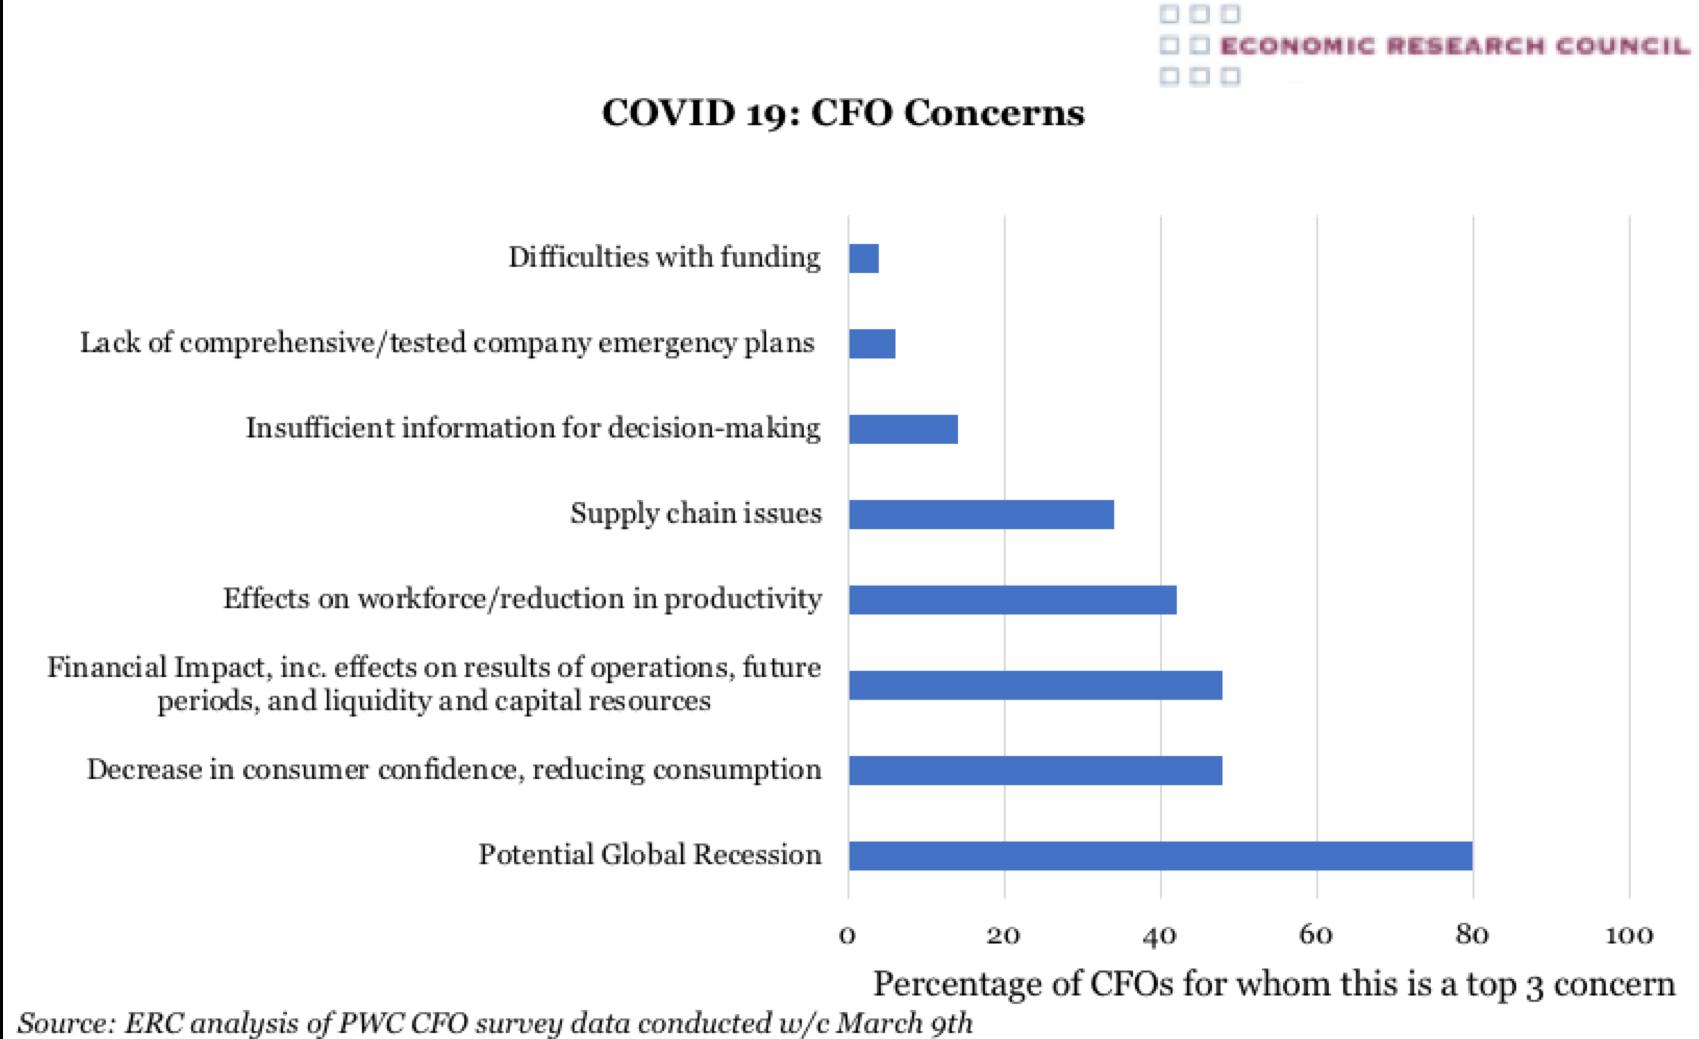 COVID 19: CFO Concerns